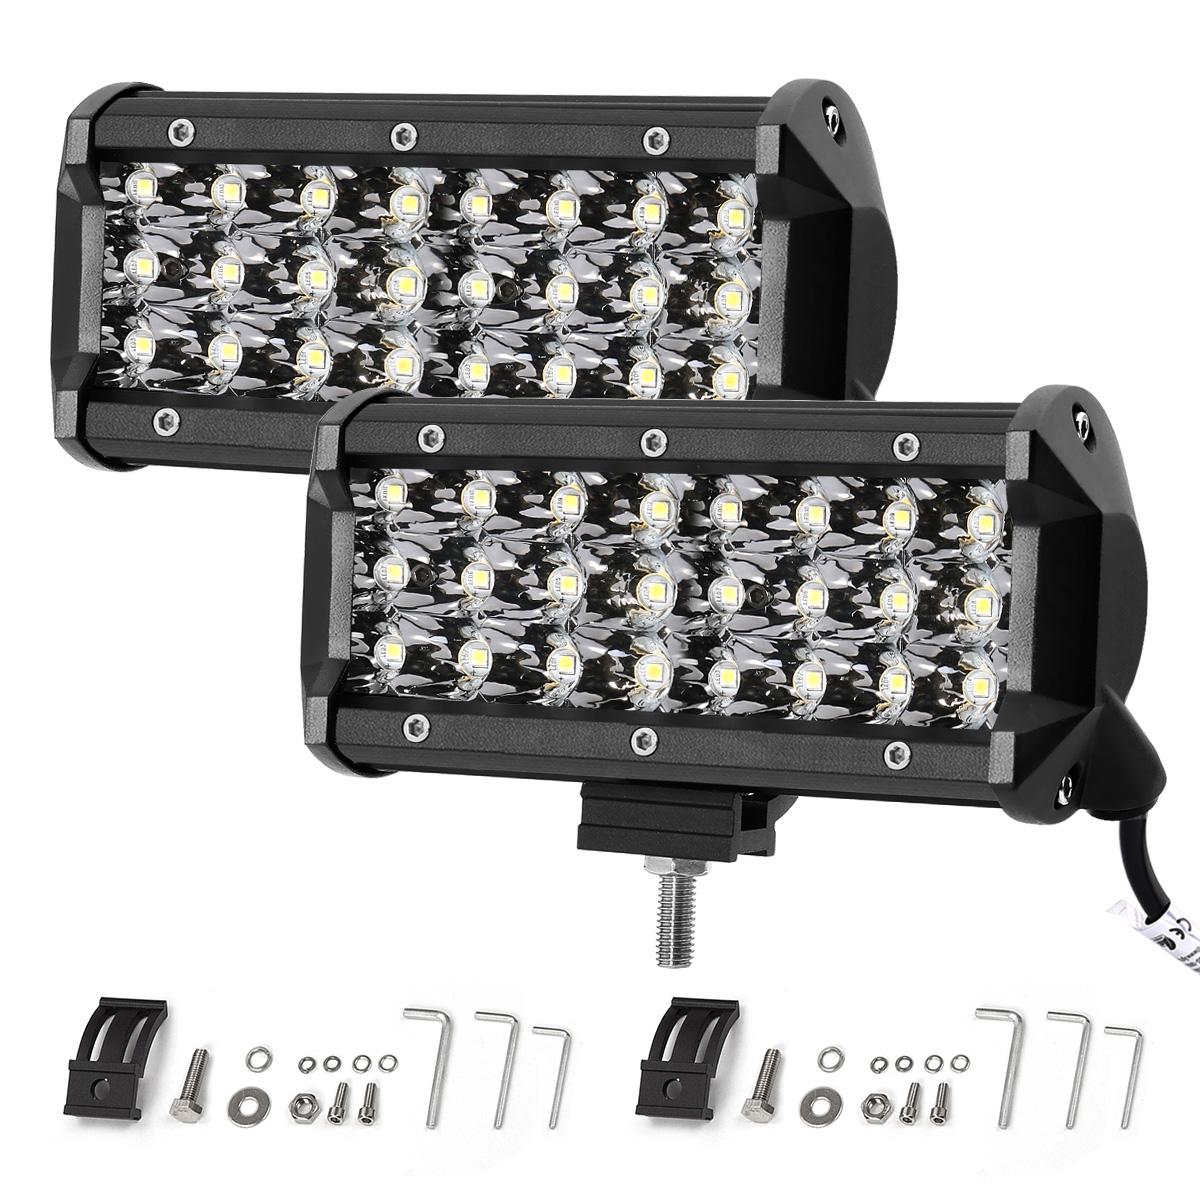 72W LED Zusatzscheinwerfer, 7200lm Waserdicht, LED Arbeitsscheinwerfer für Gelßndewagen ATV SUV Jeep Boot, Flutlicht, LED Nebelscheinwerfer, 2er Pack